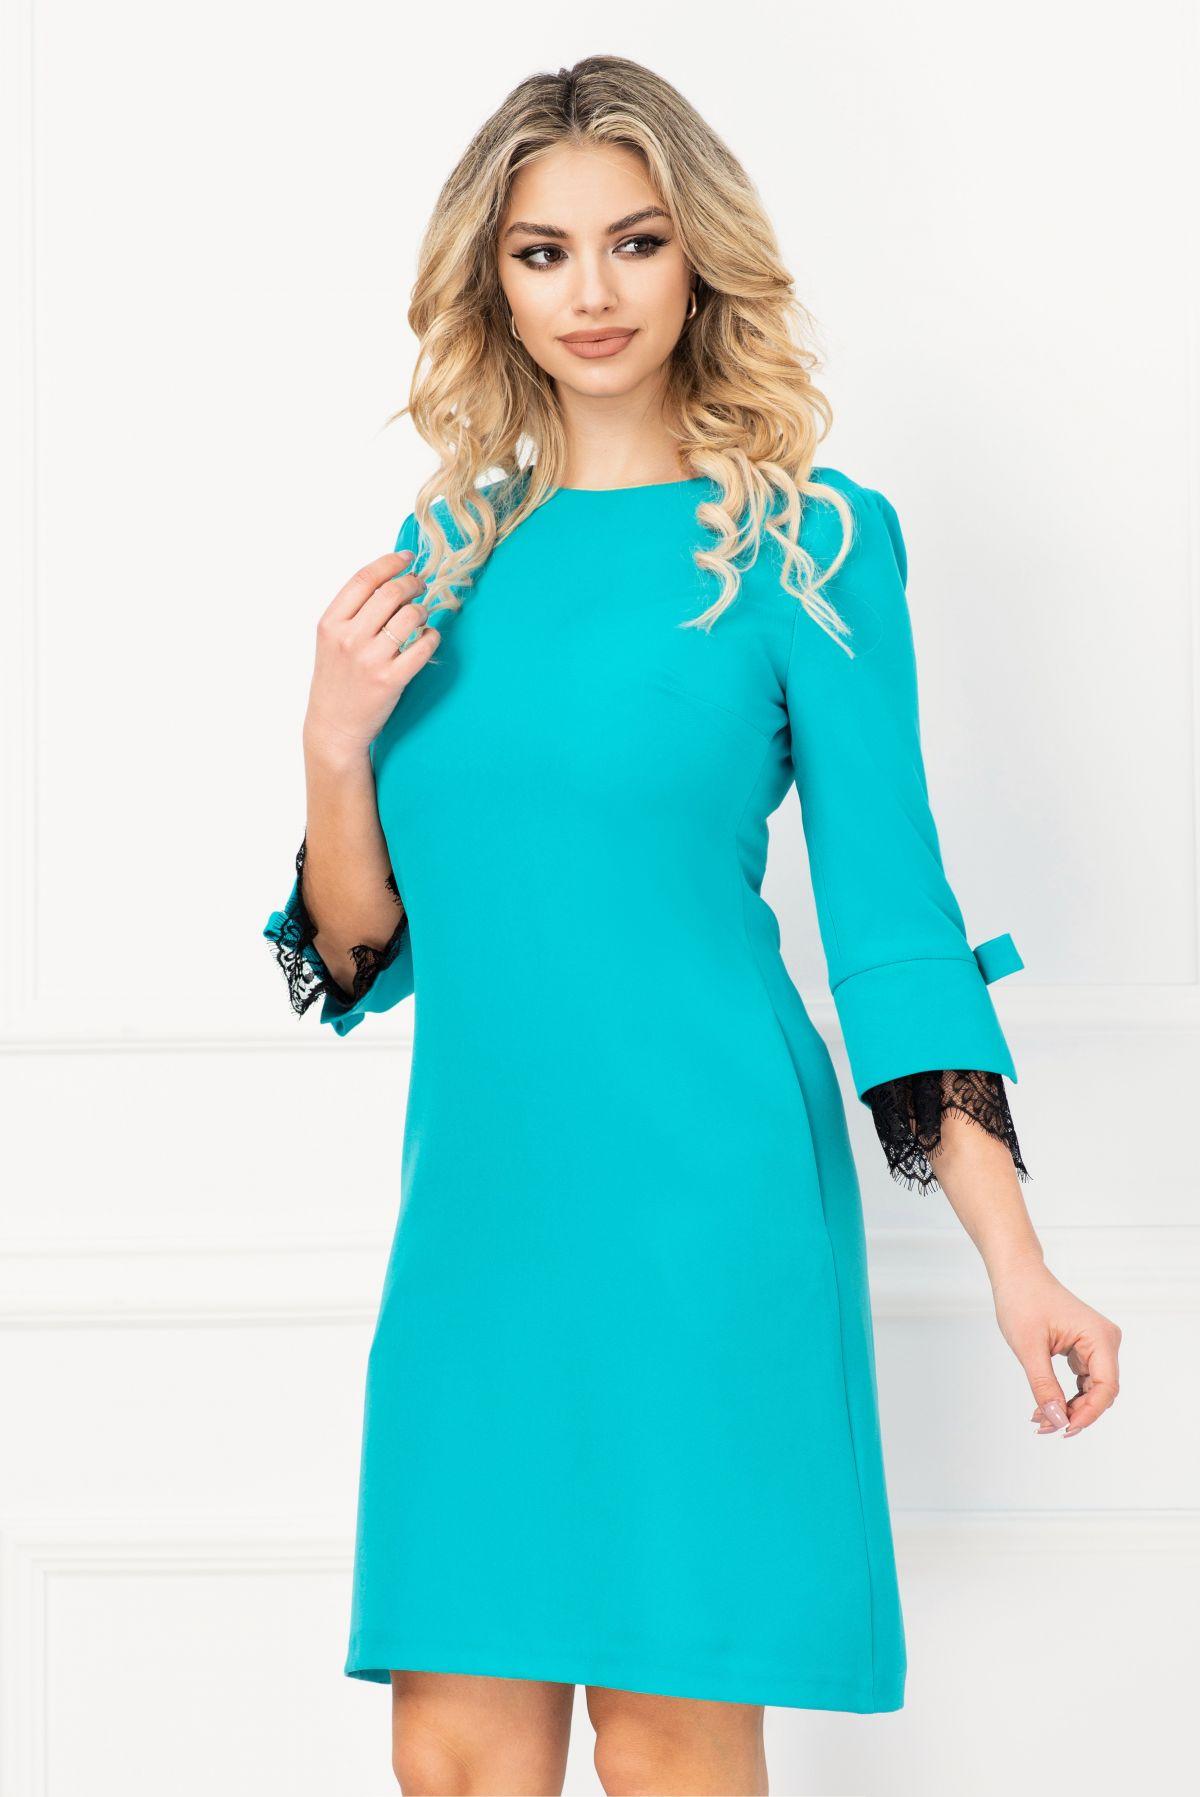 Rochie MBG turquoise cu insertii din dantela si funda stilizata